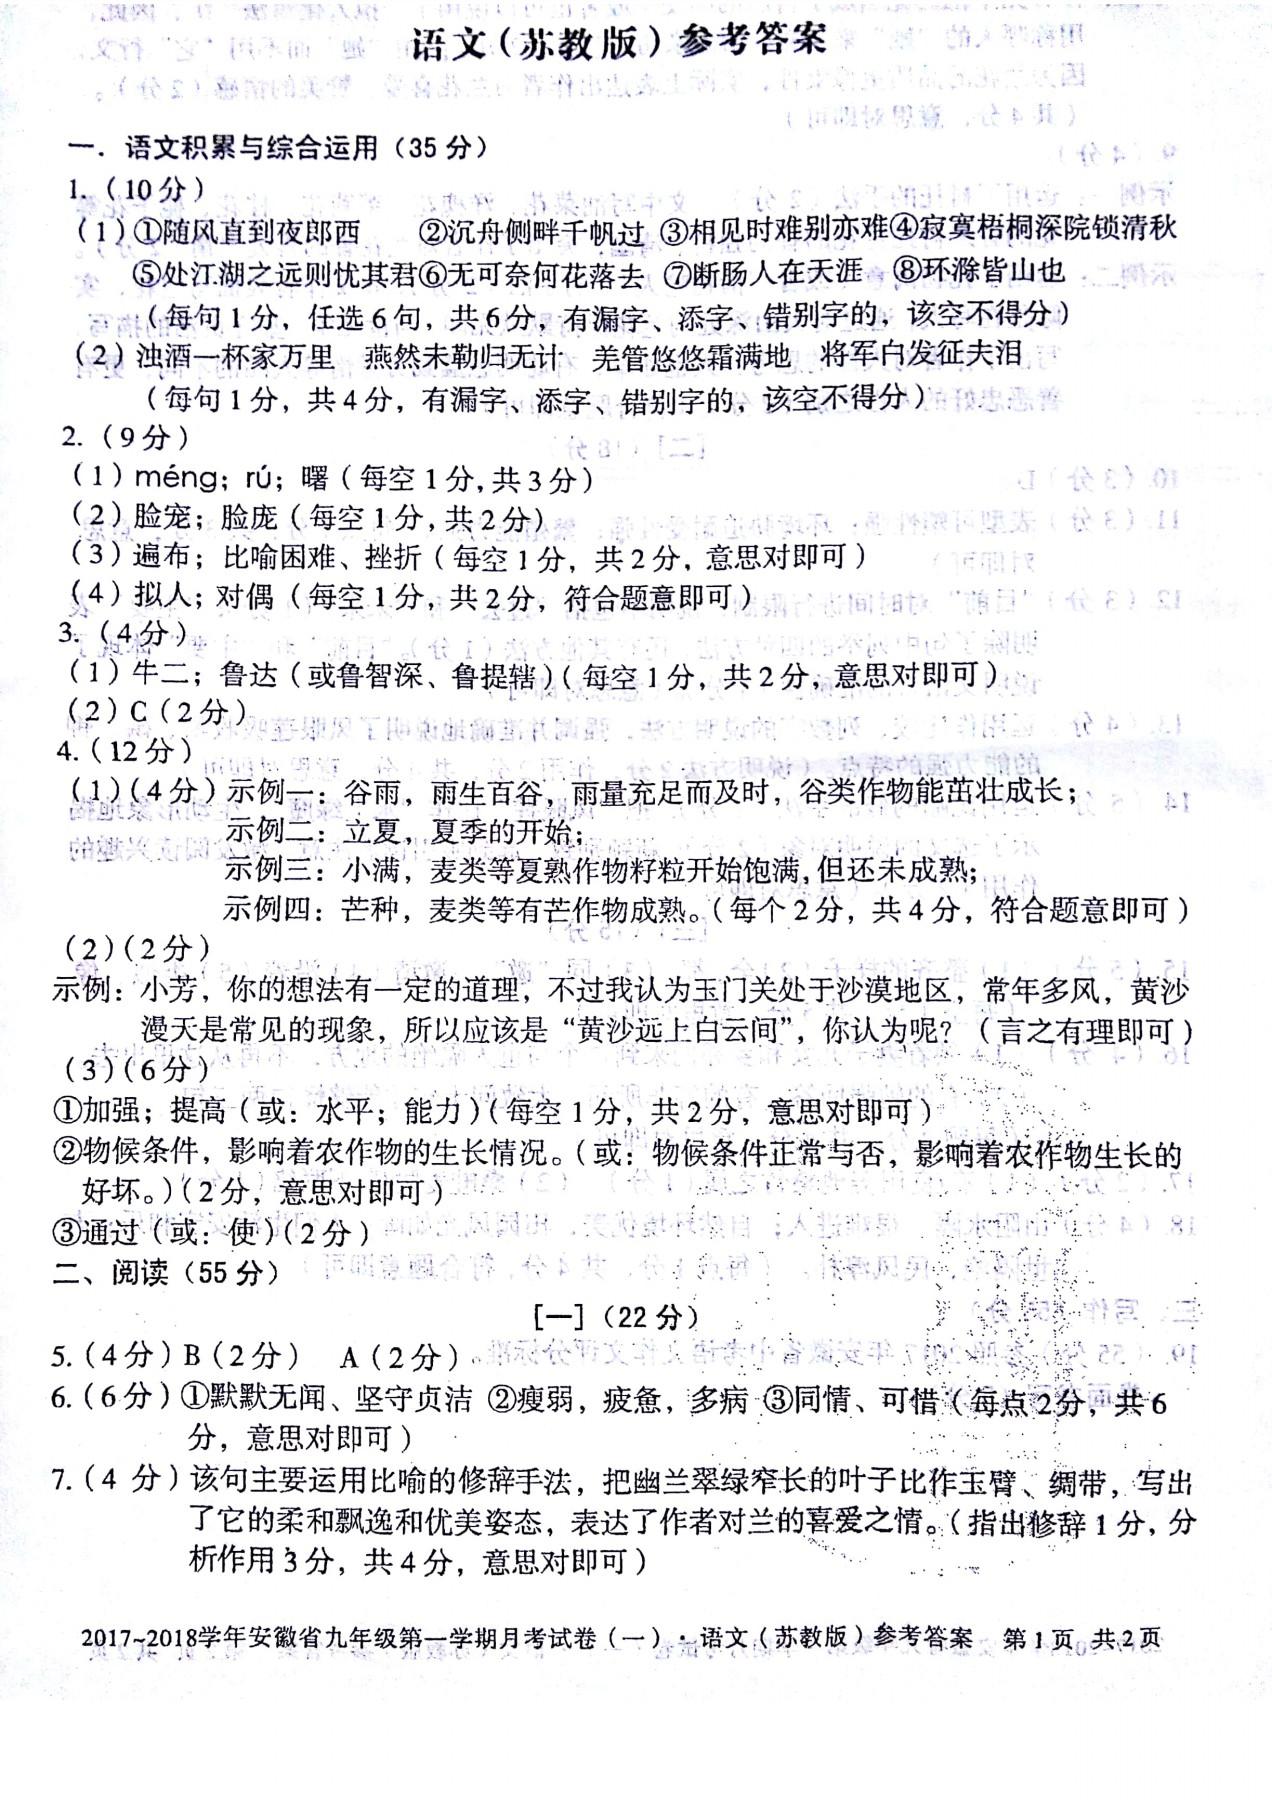 安徽蚌埠固镇第三中学2017-2018九年级上第一次月考语文试题答案(图片版)